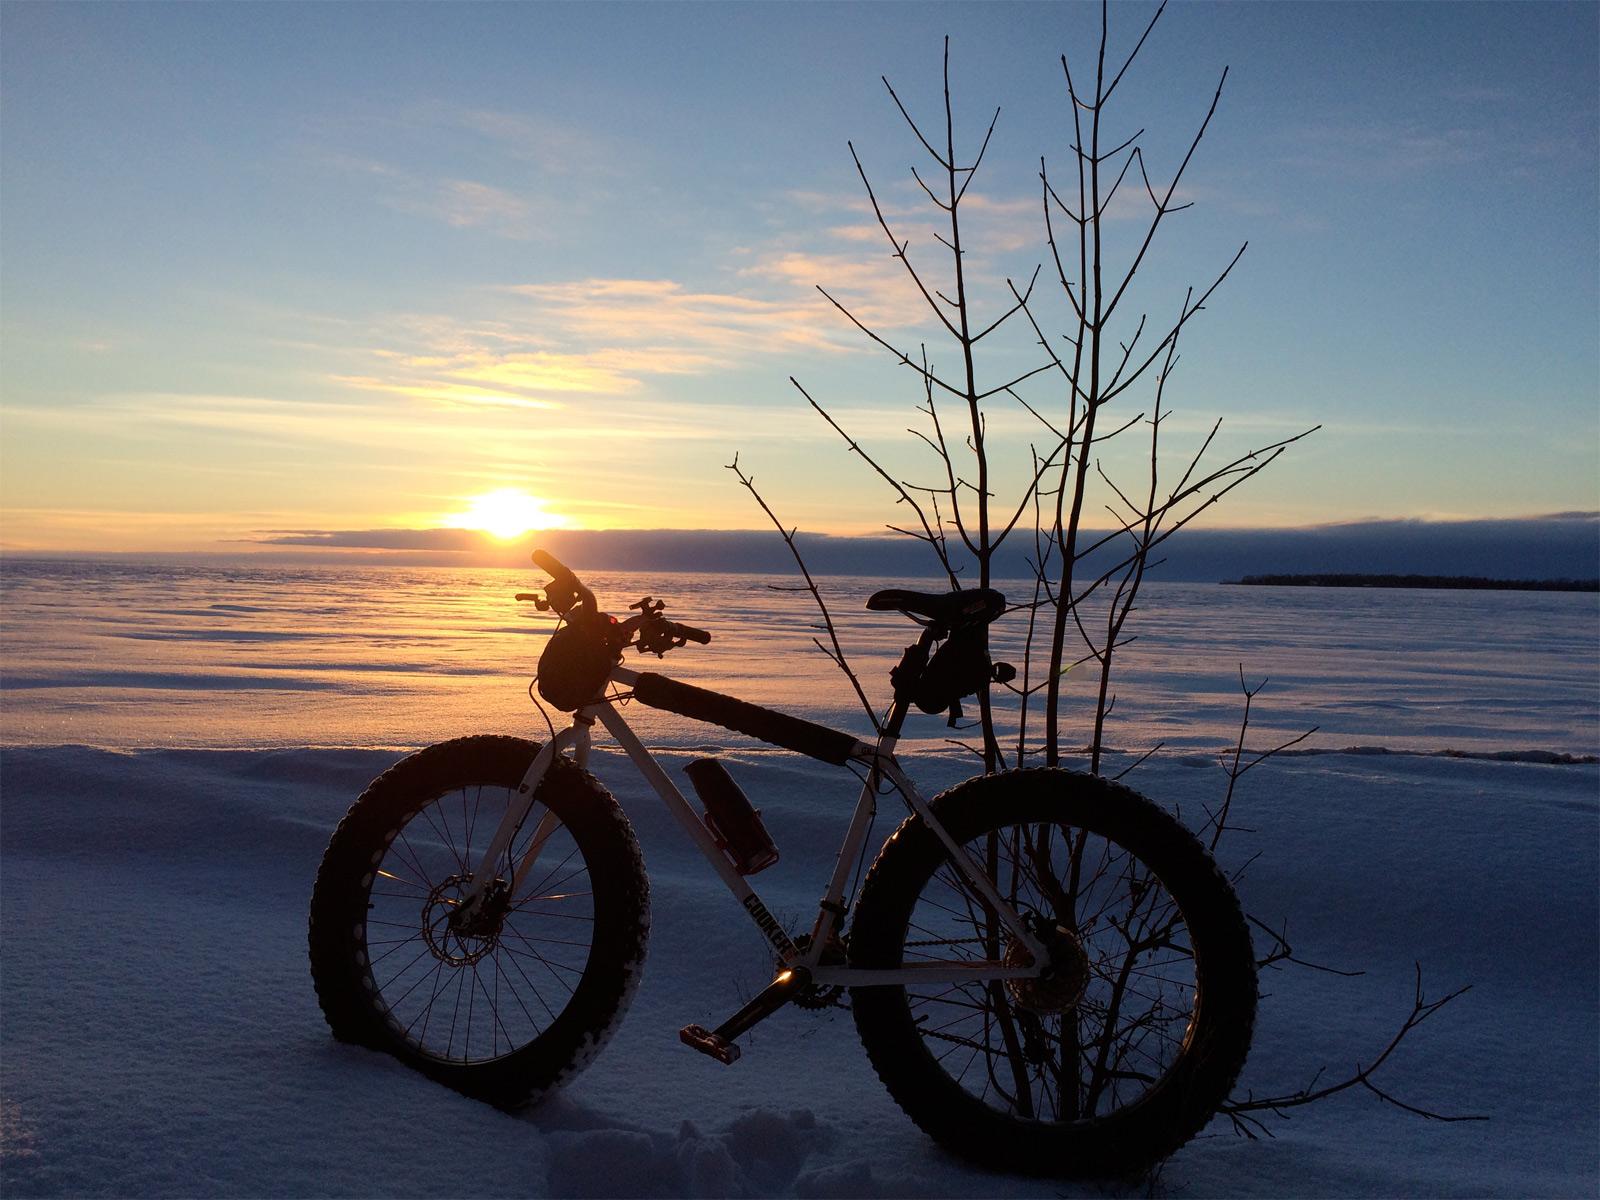 sunset biking trail in january